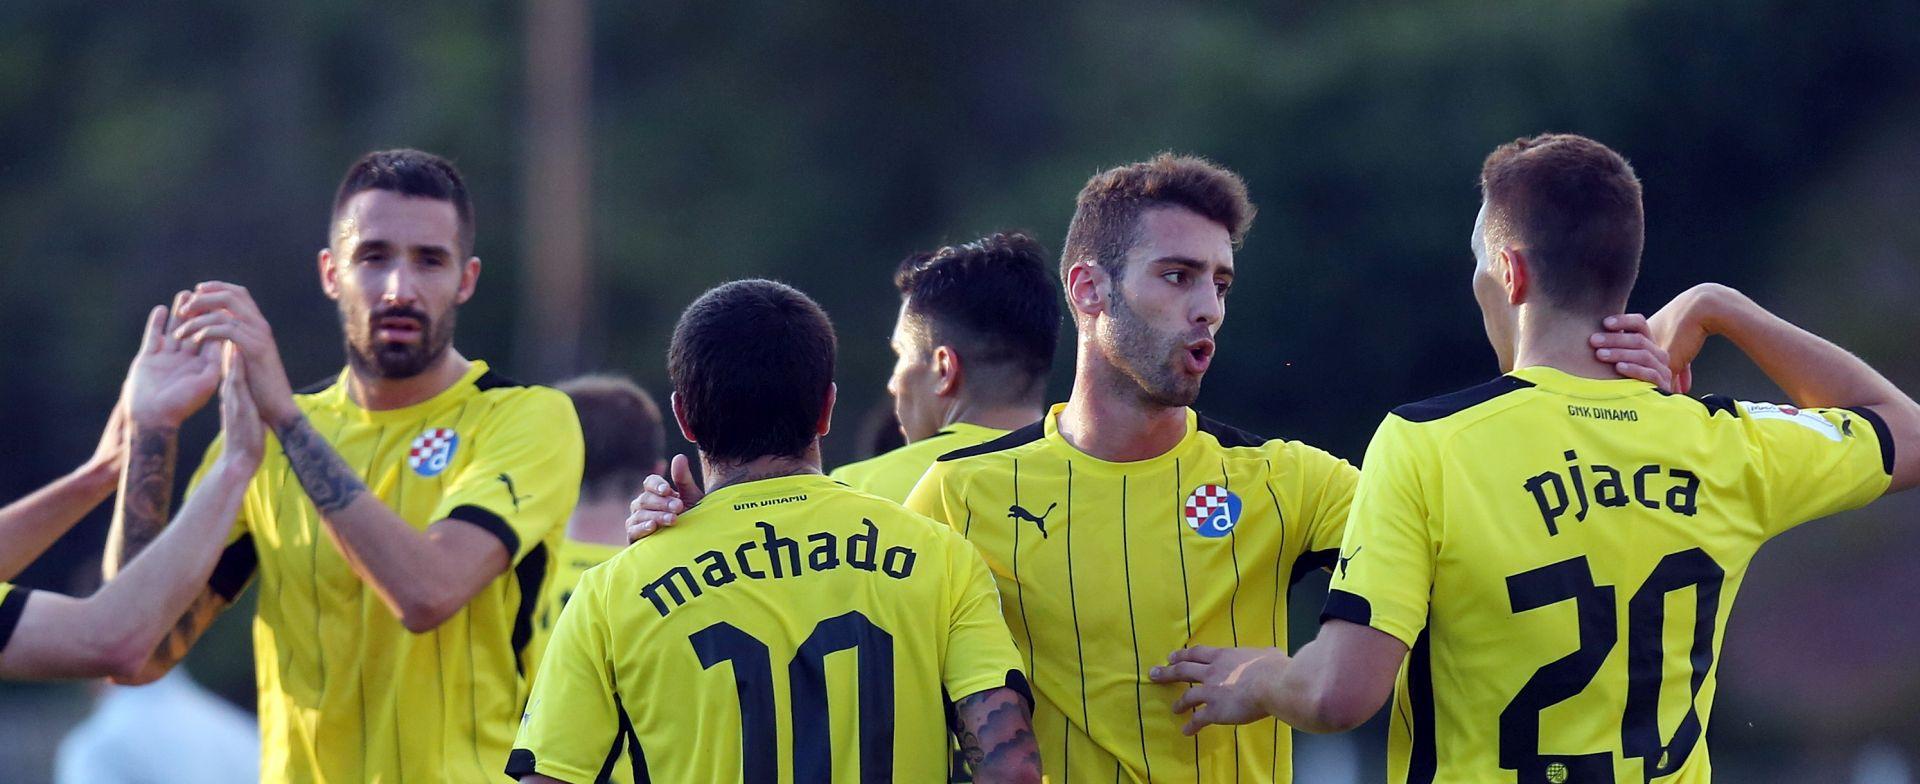 NEMILOSRDNO PRESLUŠAVANJE Dinamo s 4-0 deklasirao 'mlađu sestru' Lokomotivu